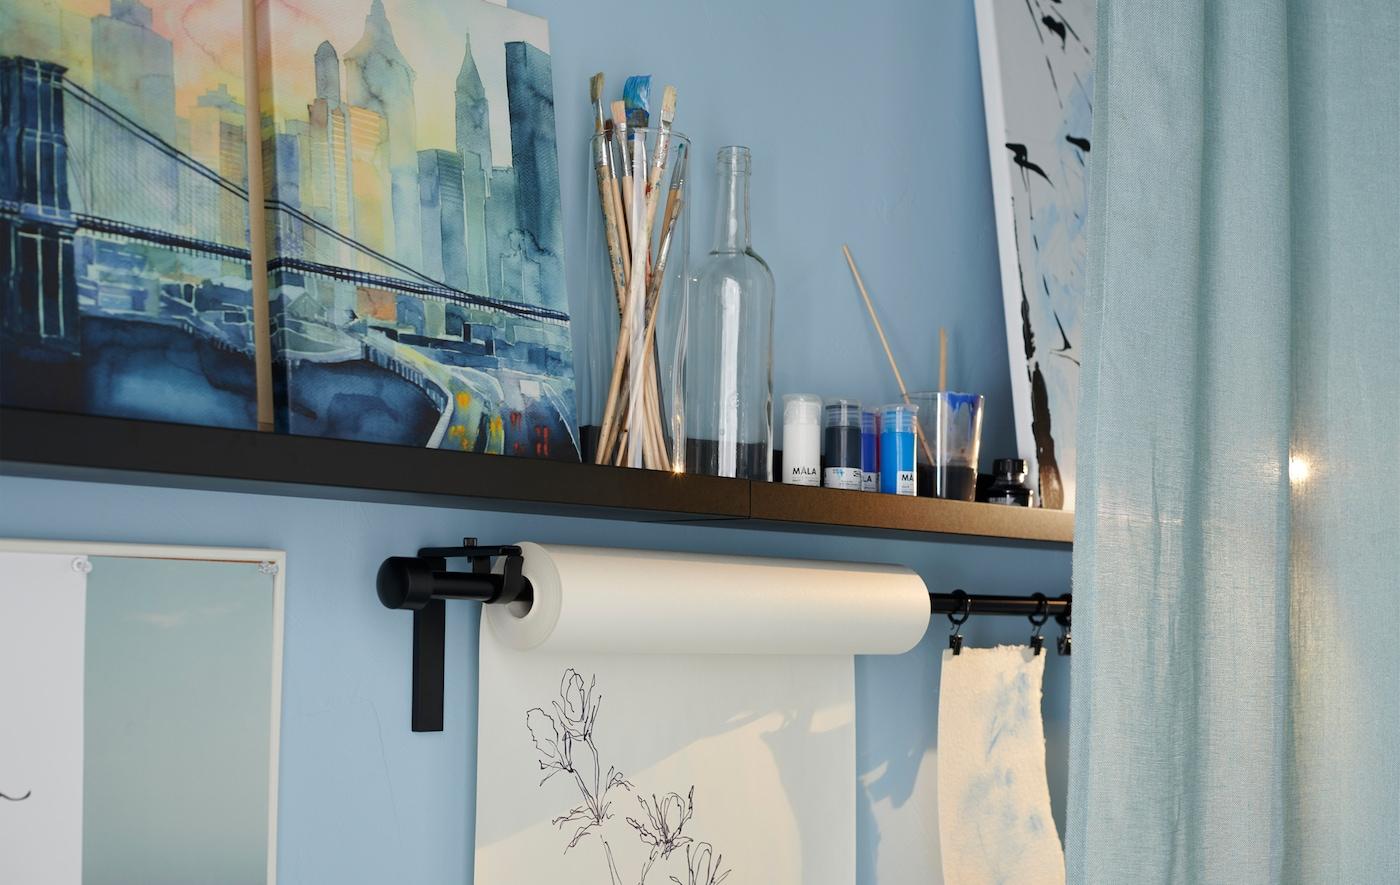 Scopri come realizzare su una parete una postazione creativa permanente che ti consente di liberare la vena artistica in qualsiasi momento. Per esporre le tue opere, prova la mensola per quadri nera MOSSLANDA di IKEA.